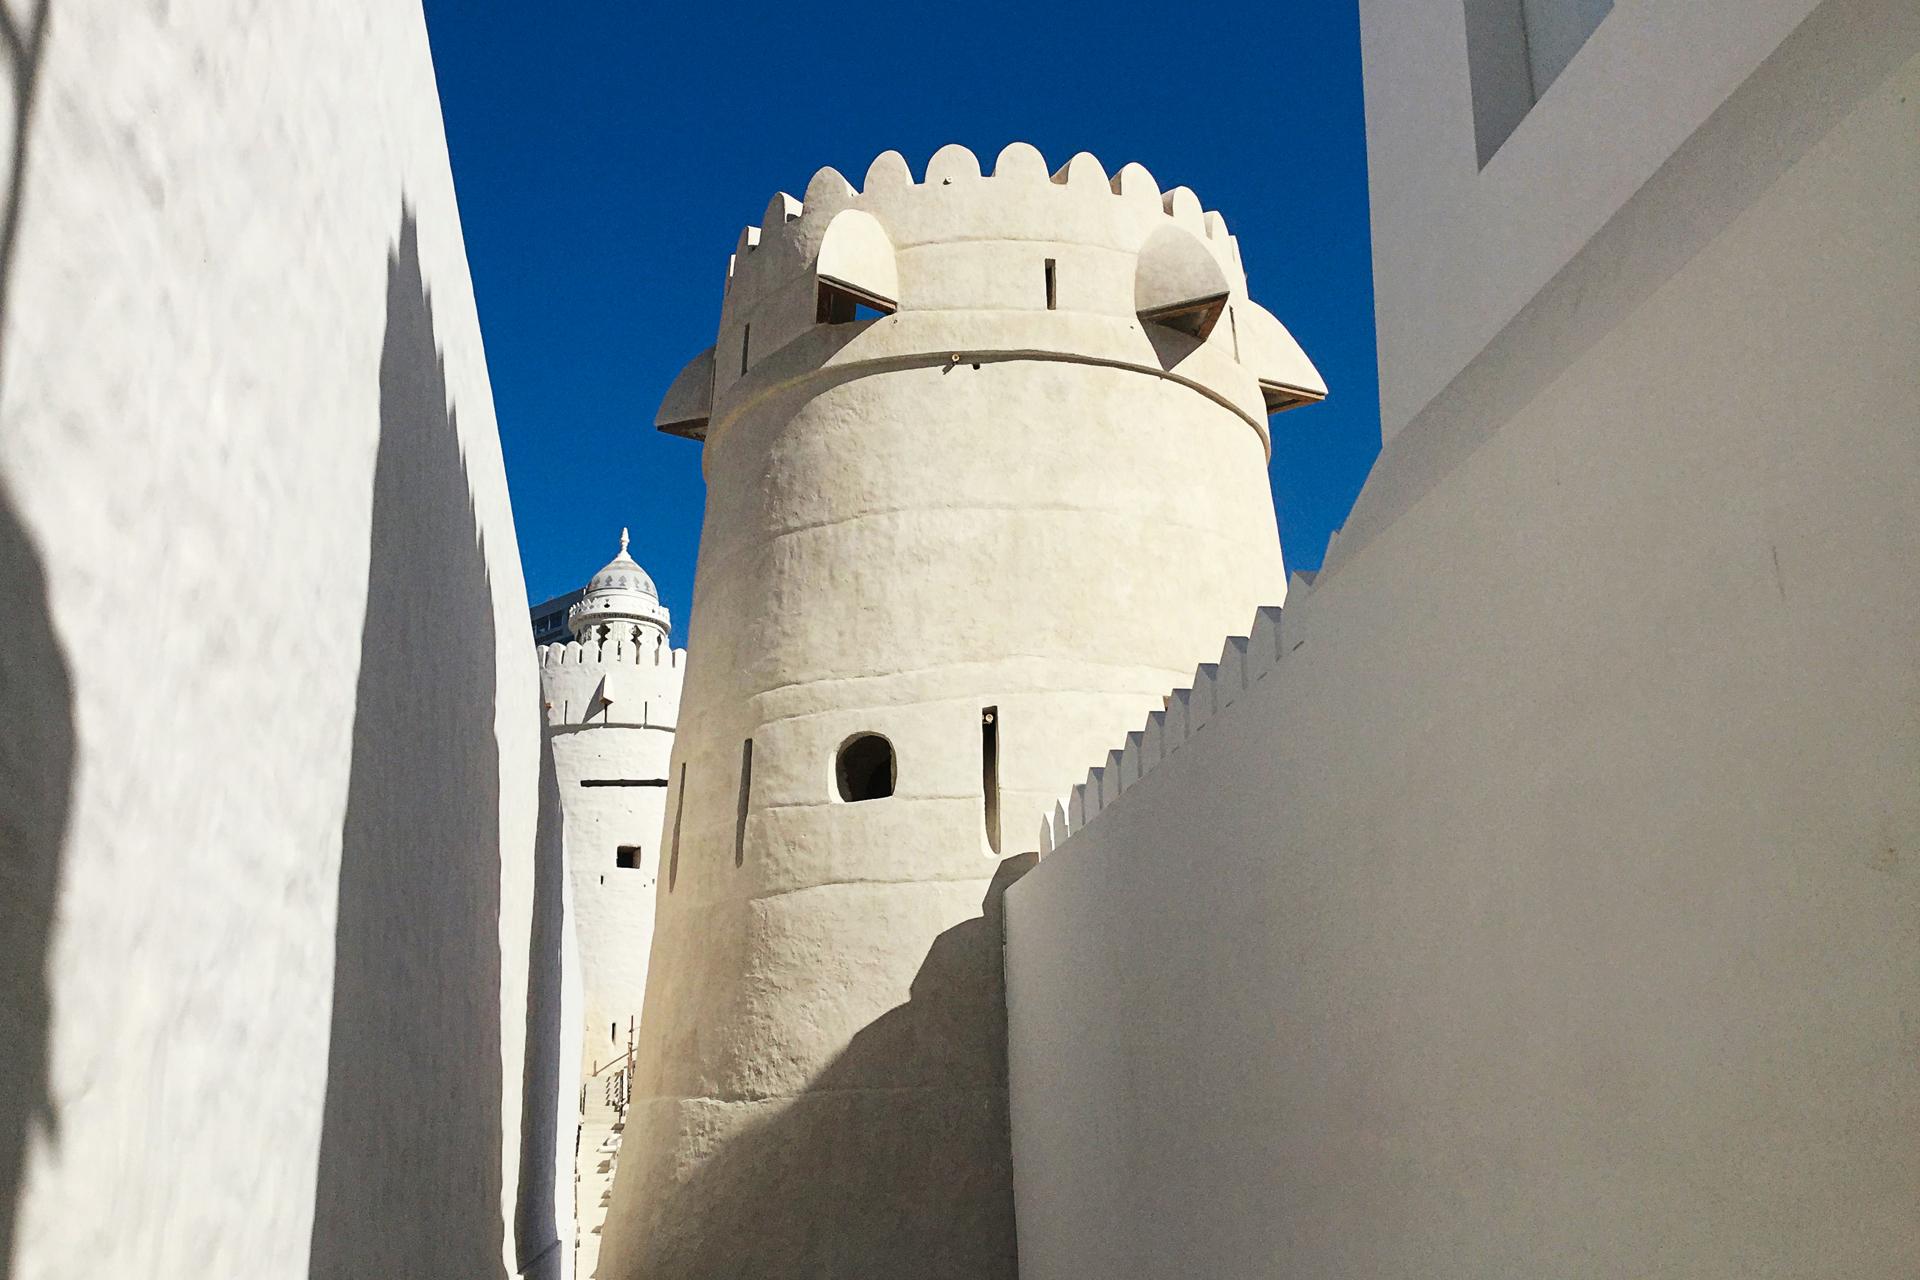 The restored watchtower at Qasr Al Hosn © DCT Abu Dhabi 1